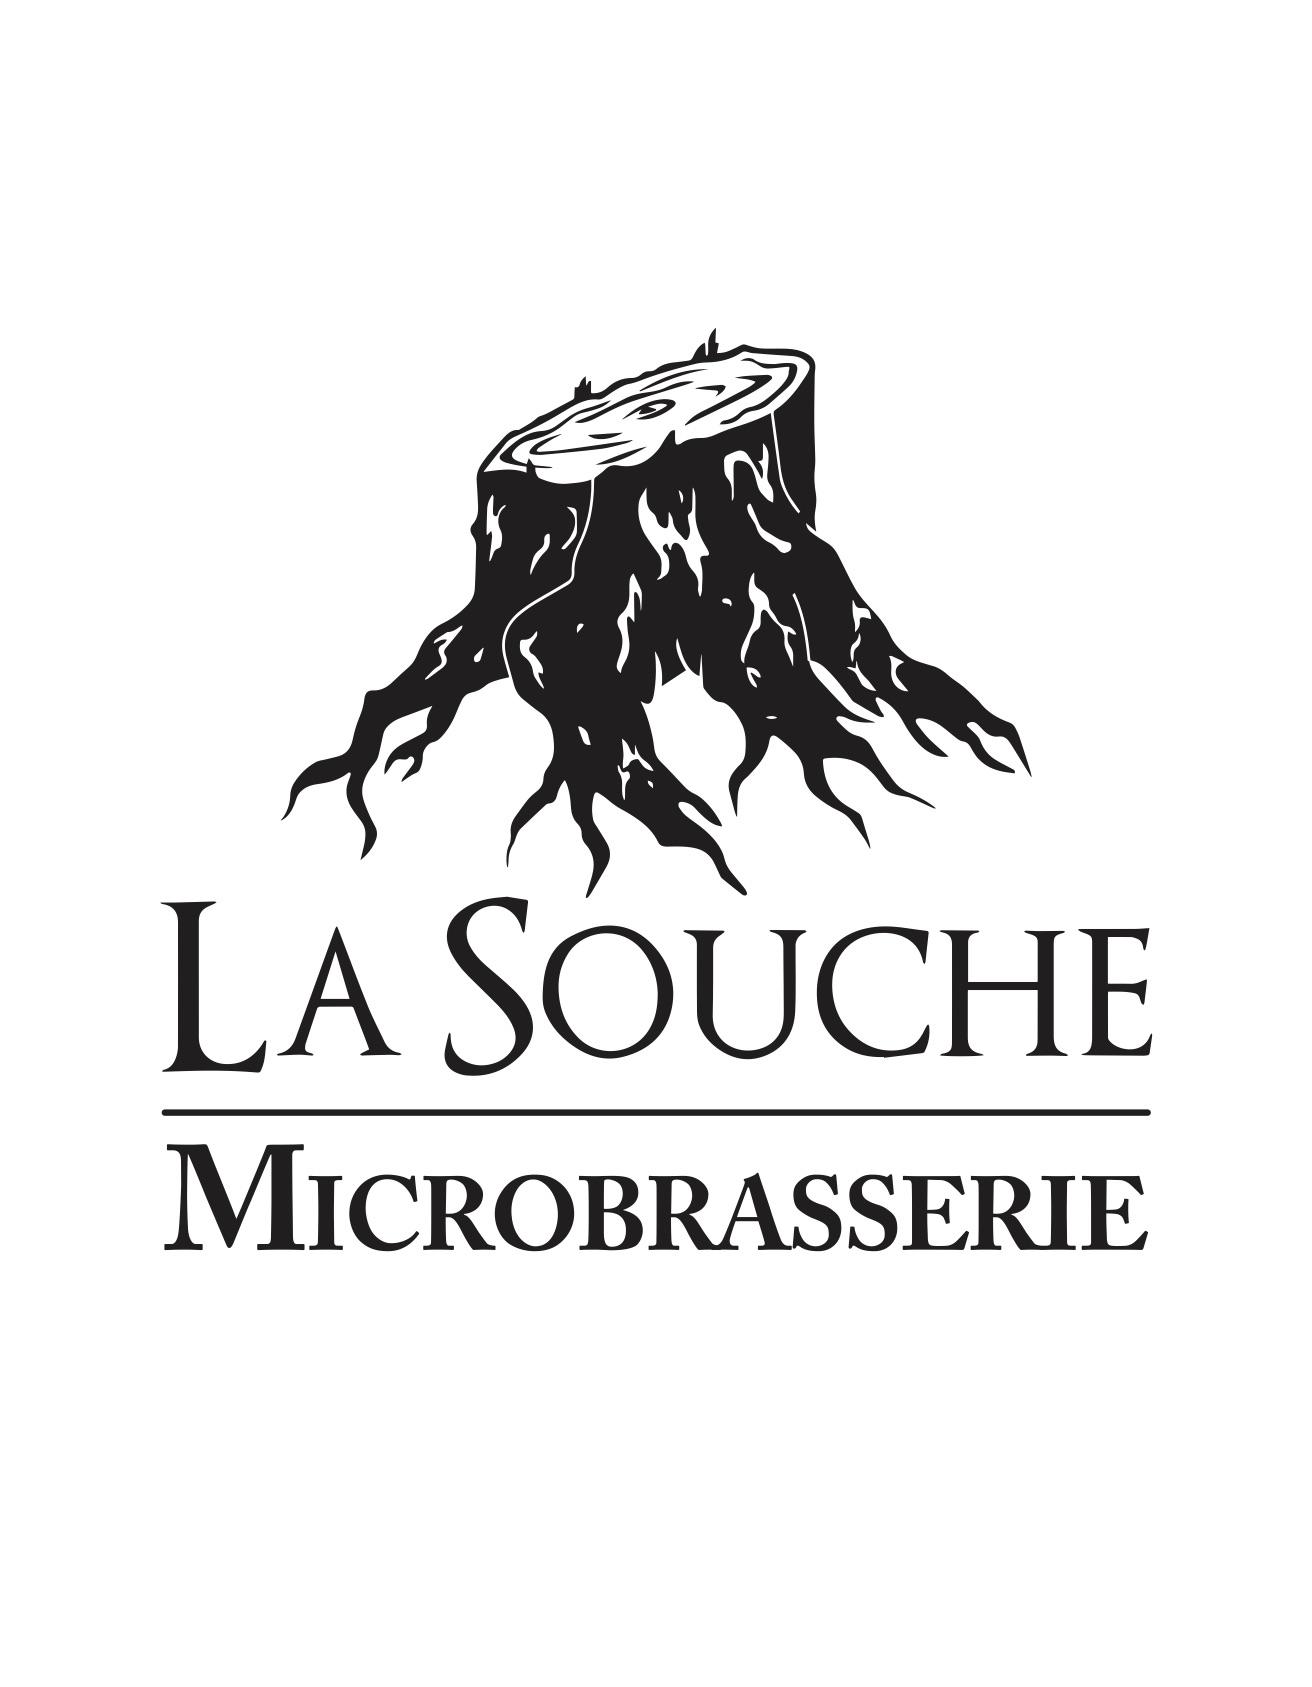 Microbrasserie La Souche